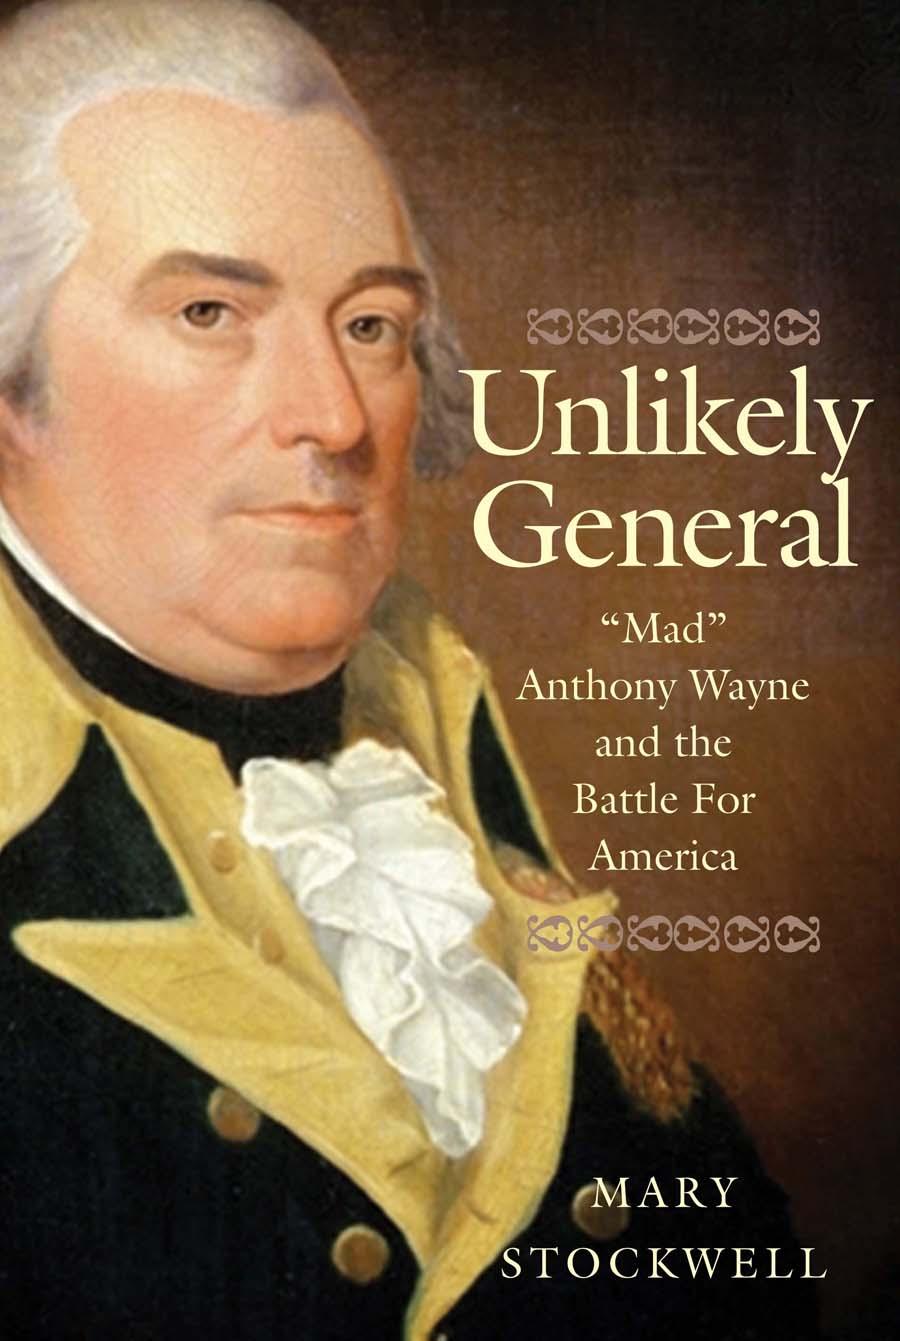 Unlikely General.jpg